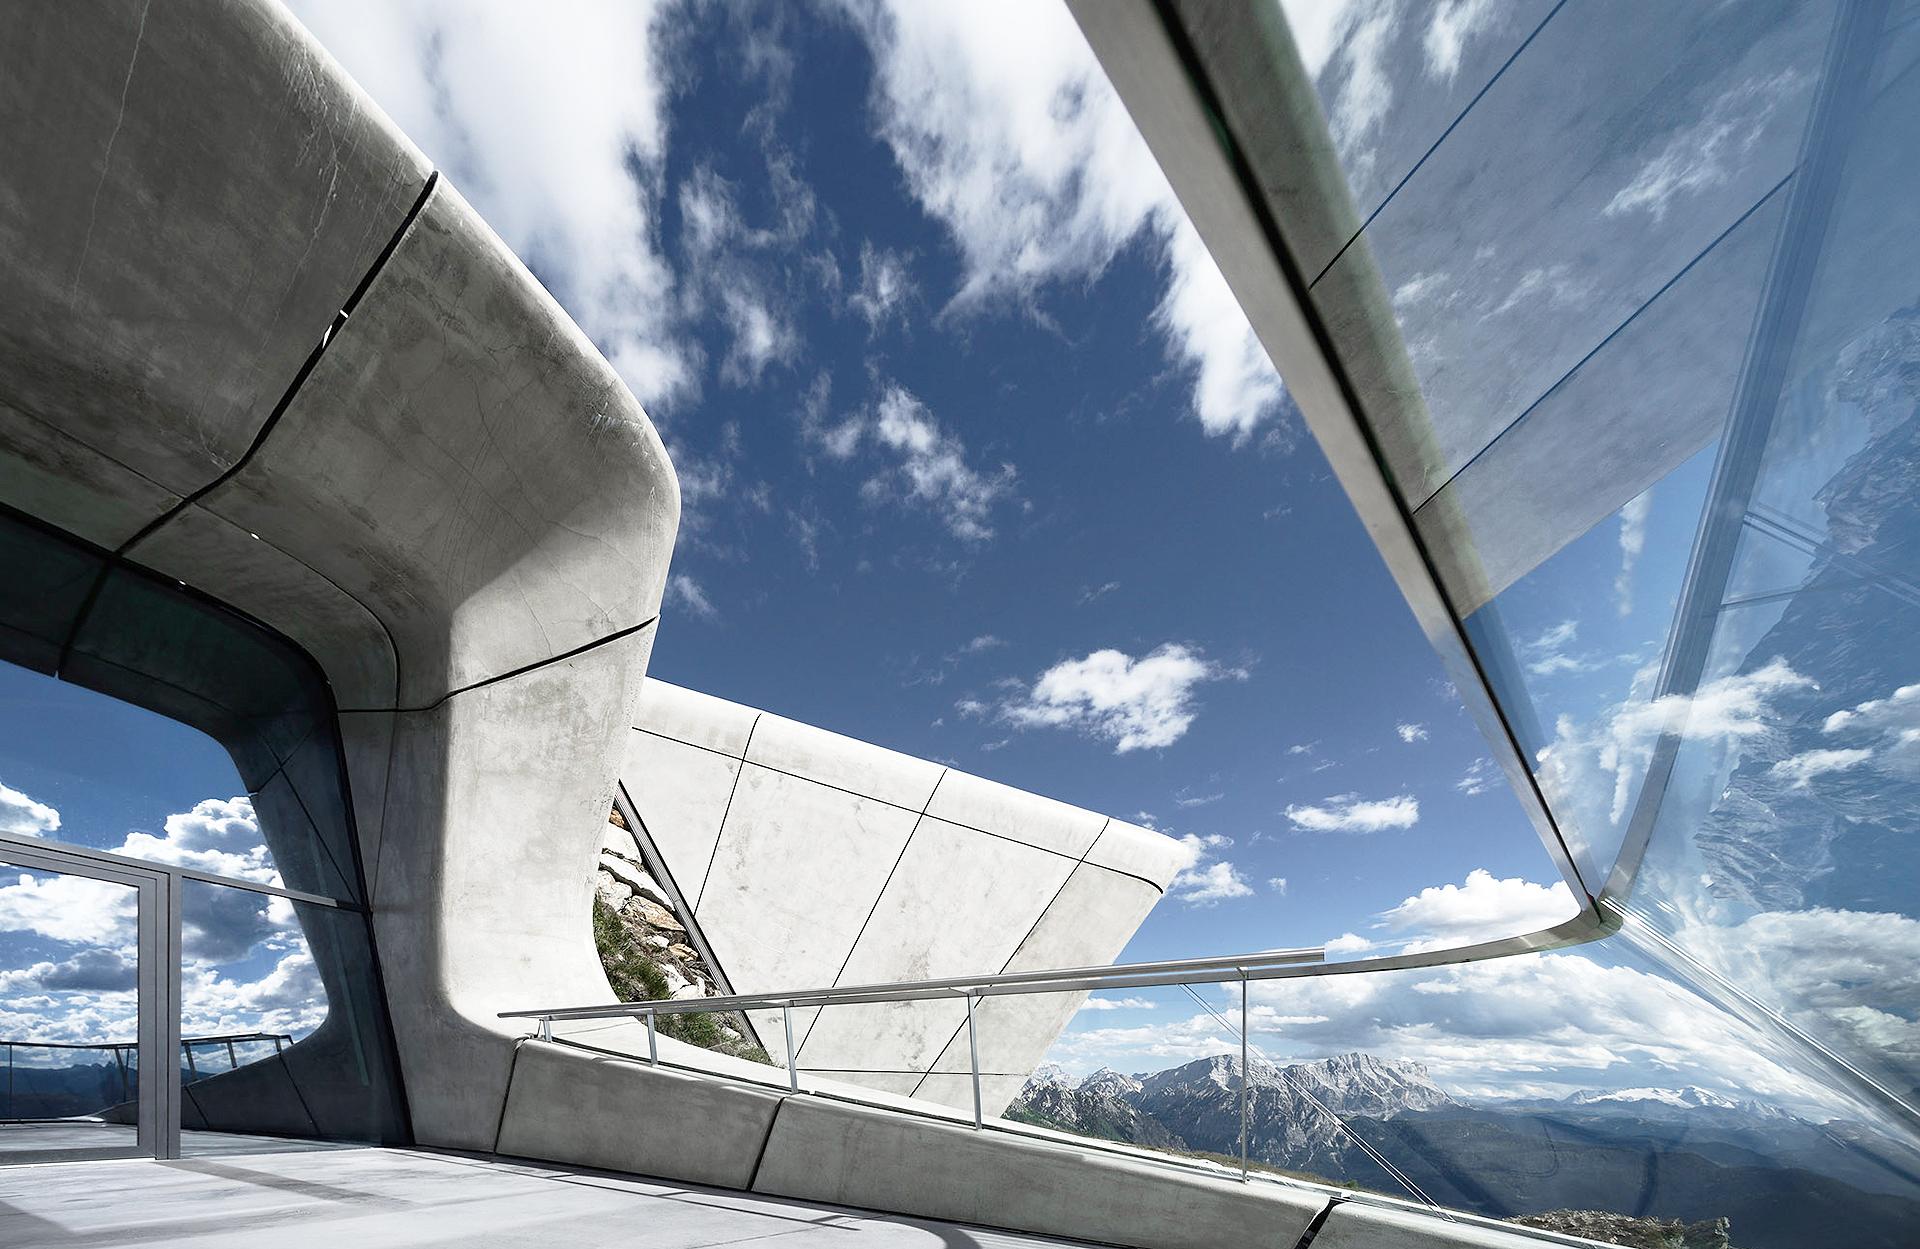 Самые необычные смотровые площадки мира • Интерьер Дизайн || 10 самых крутых обзорных площадок мира описание фото